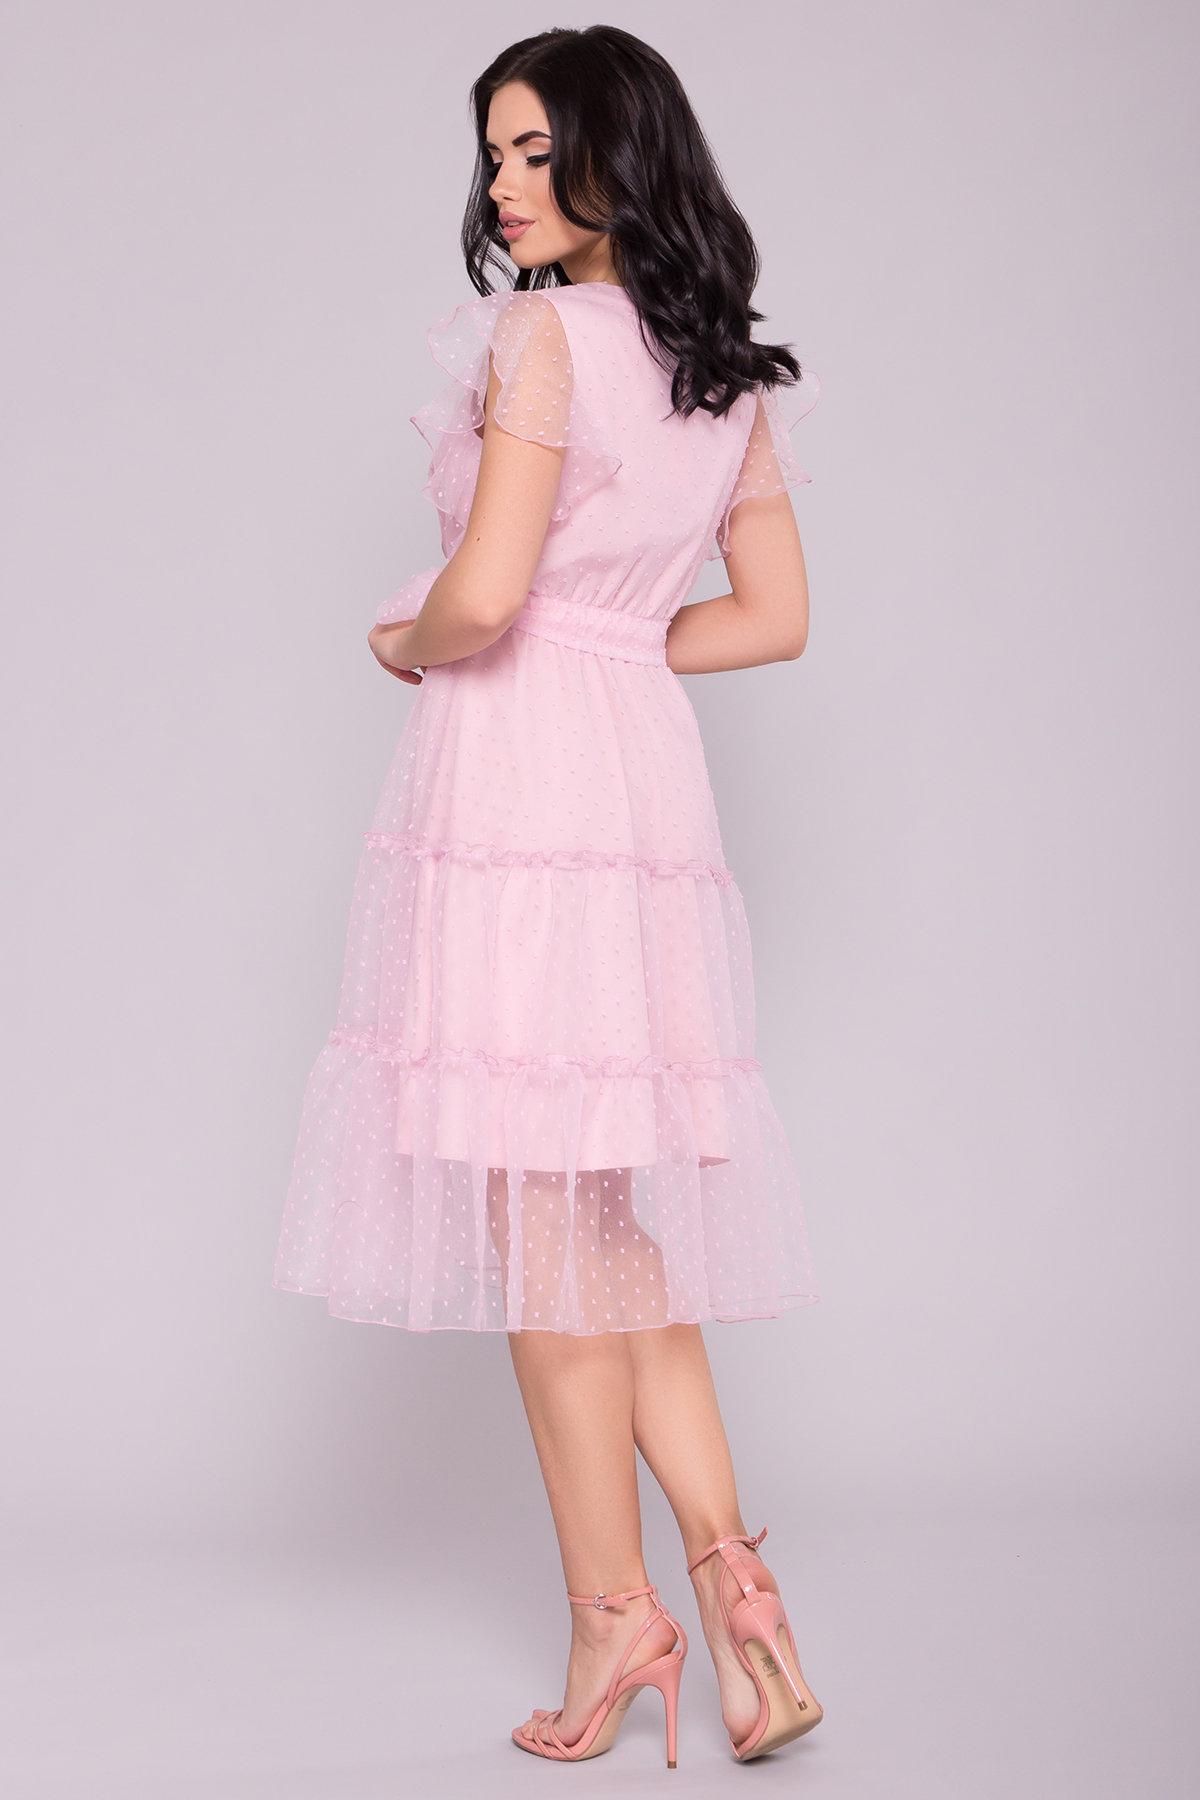 Платье Манана 7075 АРТ. 42448 Цвет: Розовый Светлый 13 - фото 3, интернет магазин tm-modus.ru